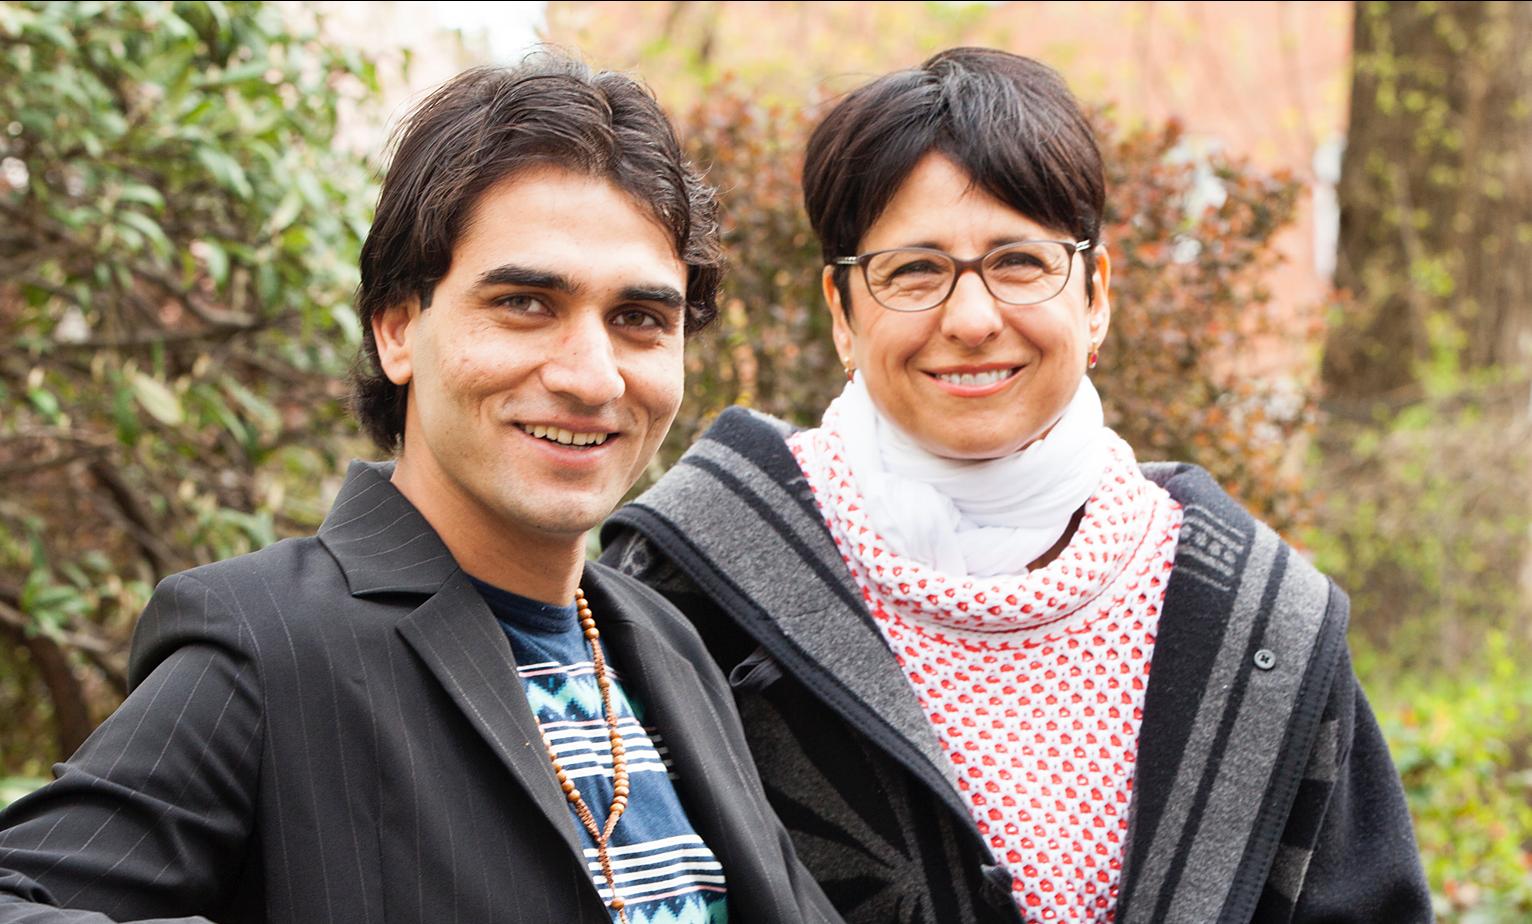 Karin hatte schon viel Erfahrung mit Kinderrechten und Kinderschutz, als sie die Vormundschaft für Shohab beantragte. Nun hilft sie dem jungen Mann aus Afghanistan, ein Leben in Deutschland aufzubauen.